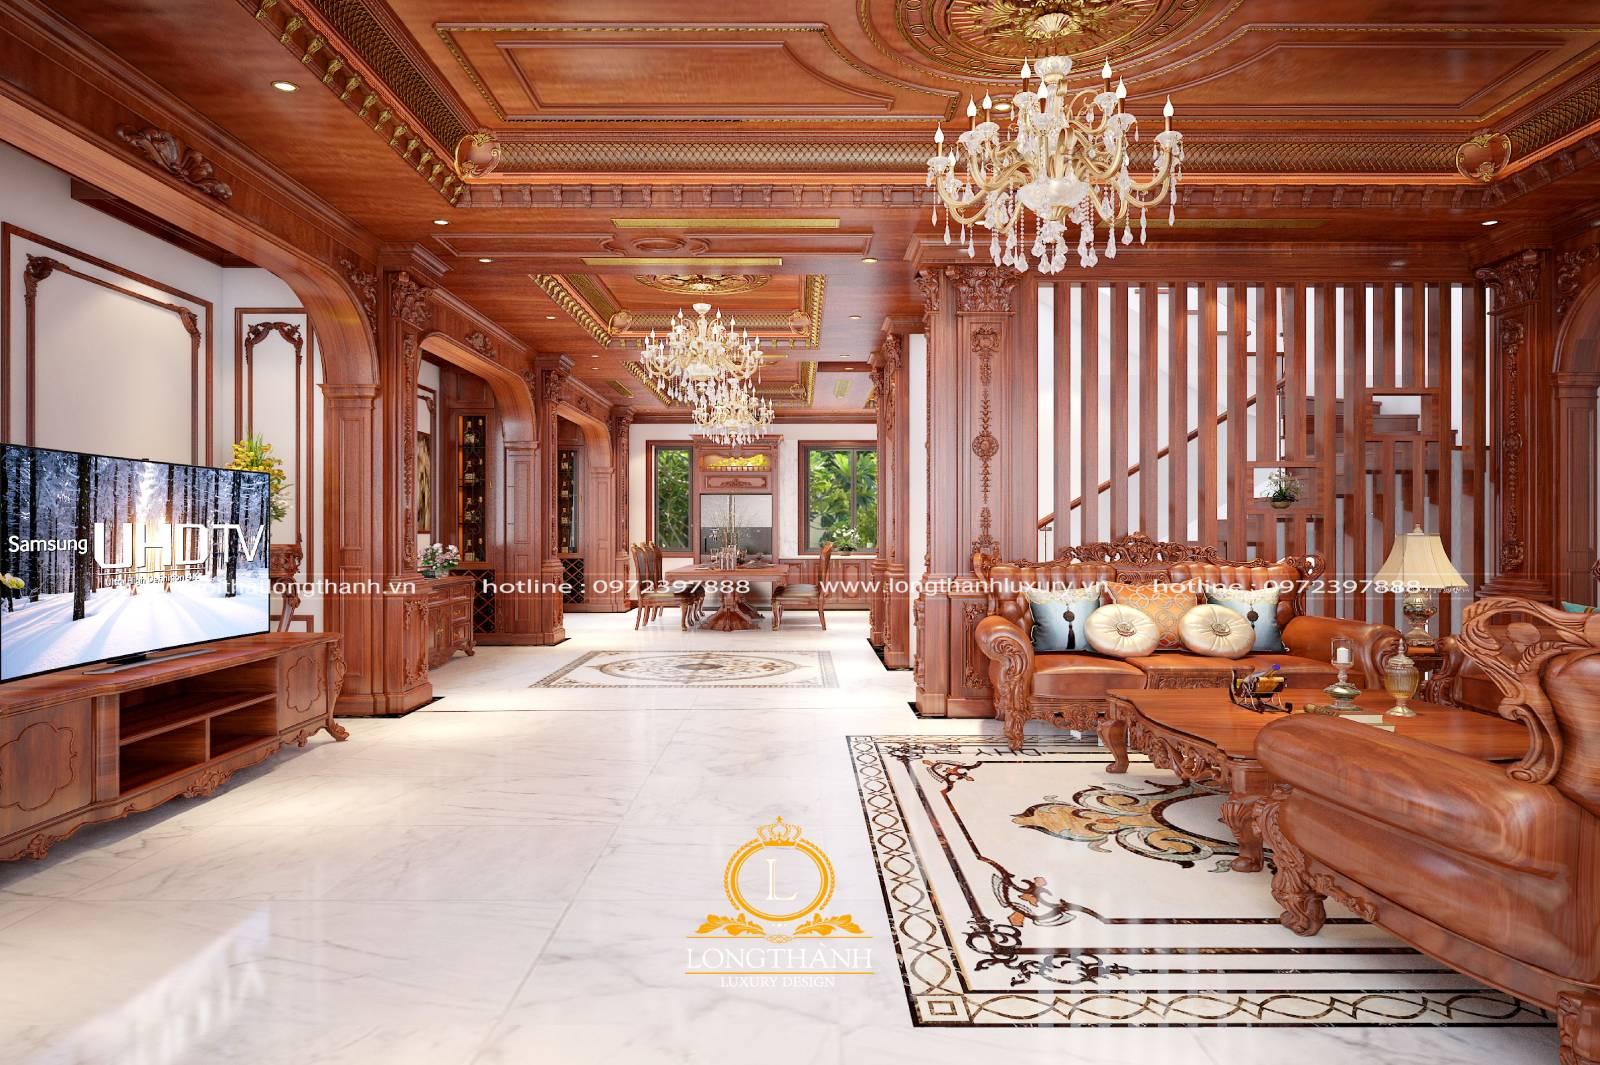 Gam màu vàng cũng được lựa chọn sử dụng trong nội thất nhà ống